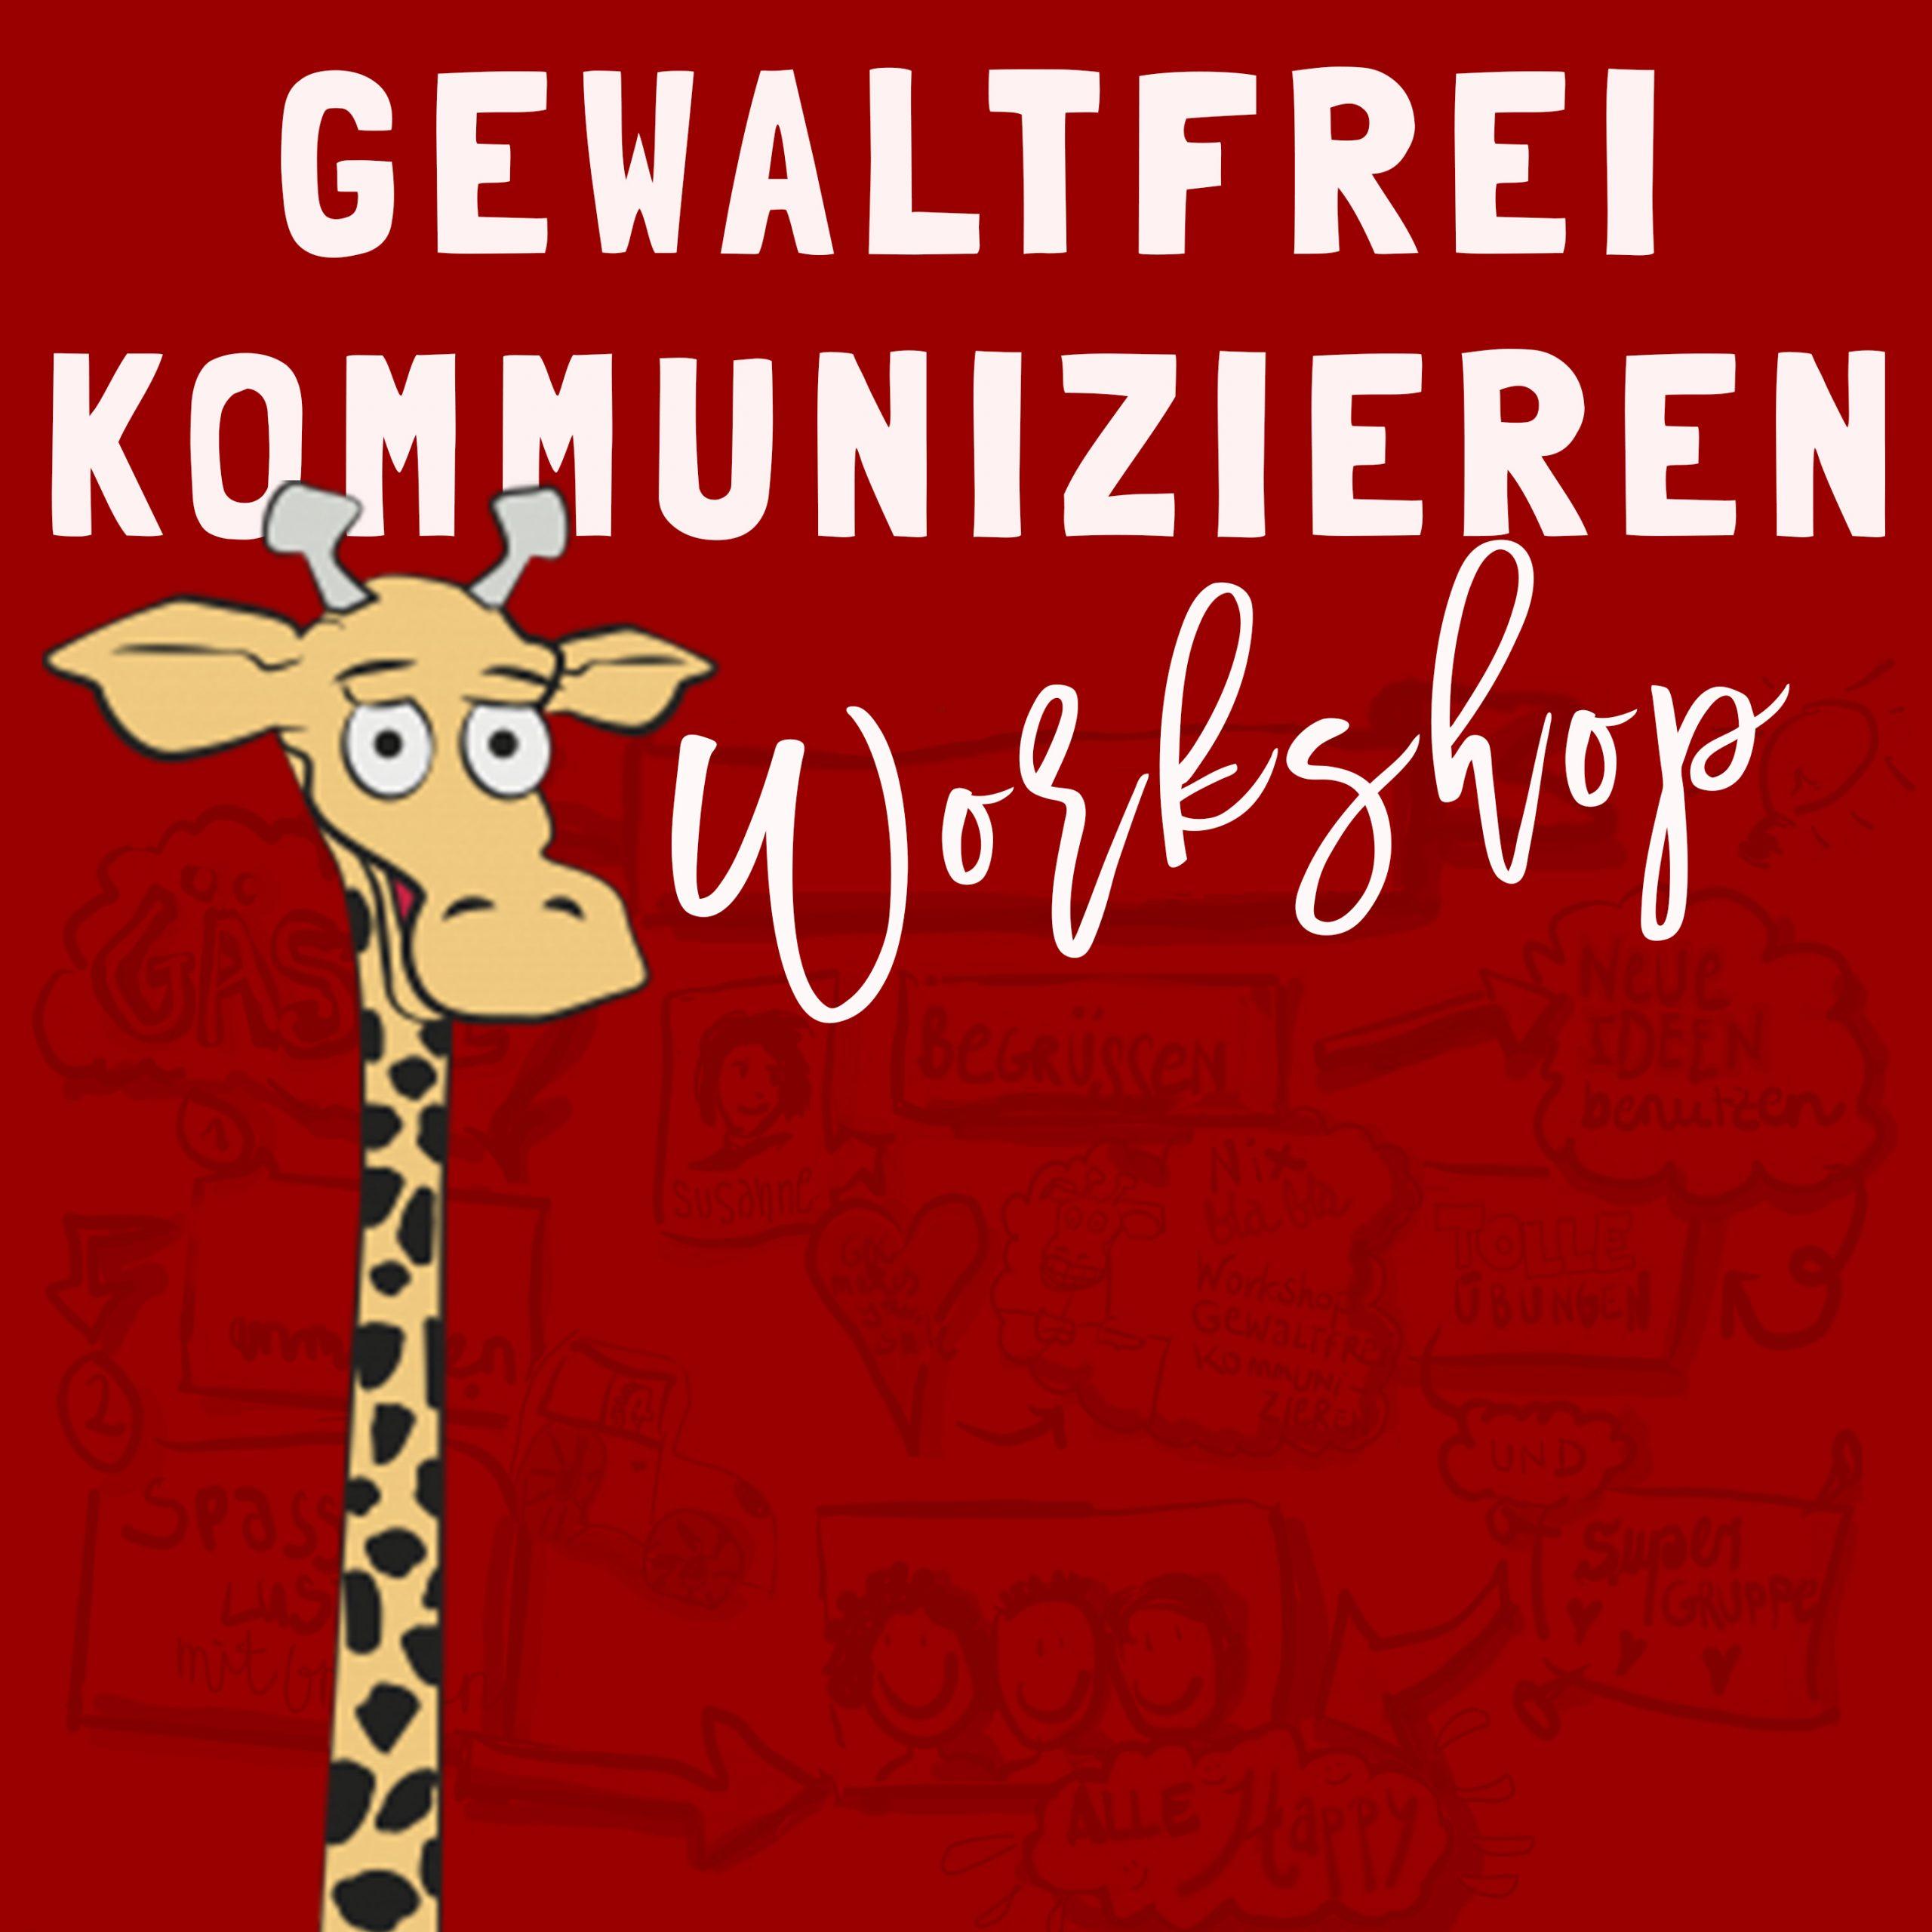 Gewaltfreie Kommunikation Wochenende 2020 NEU!!! @ LJA Altenkirchen